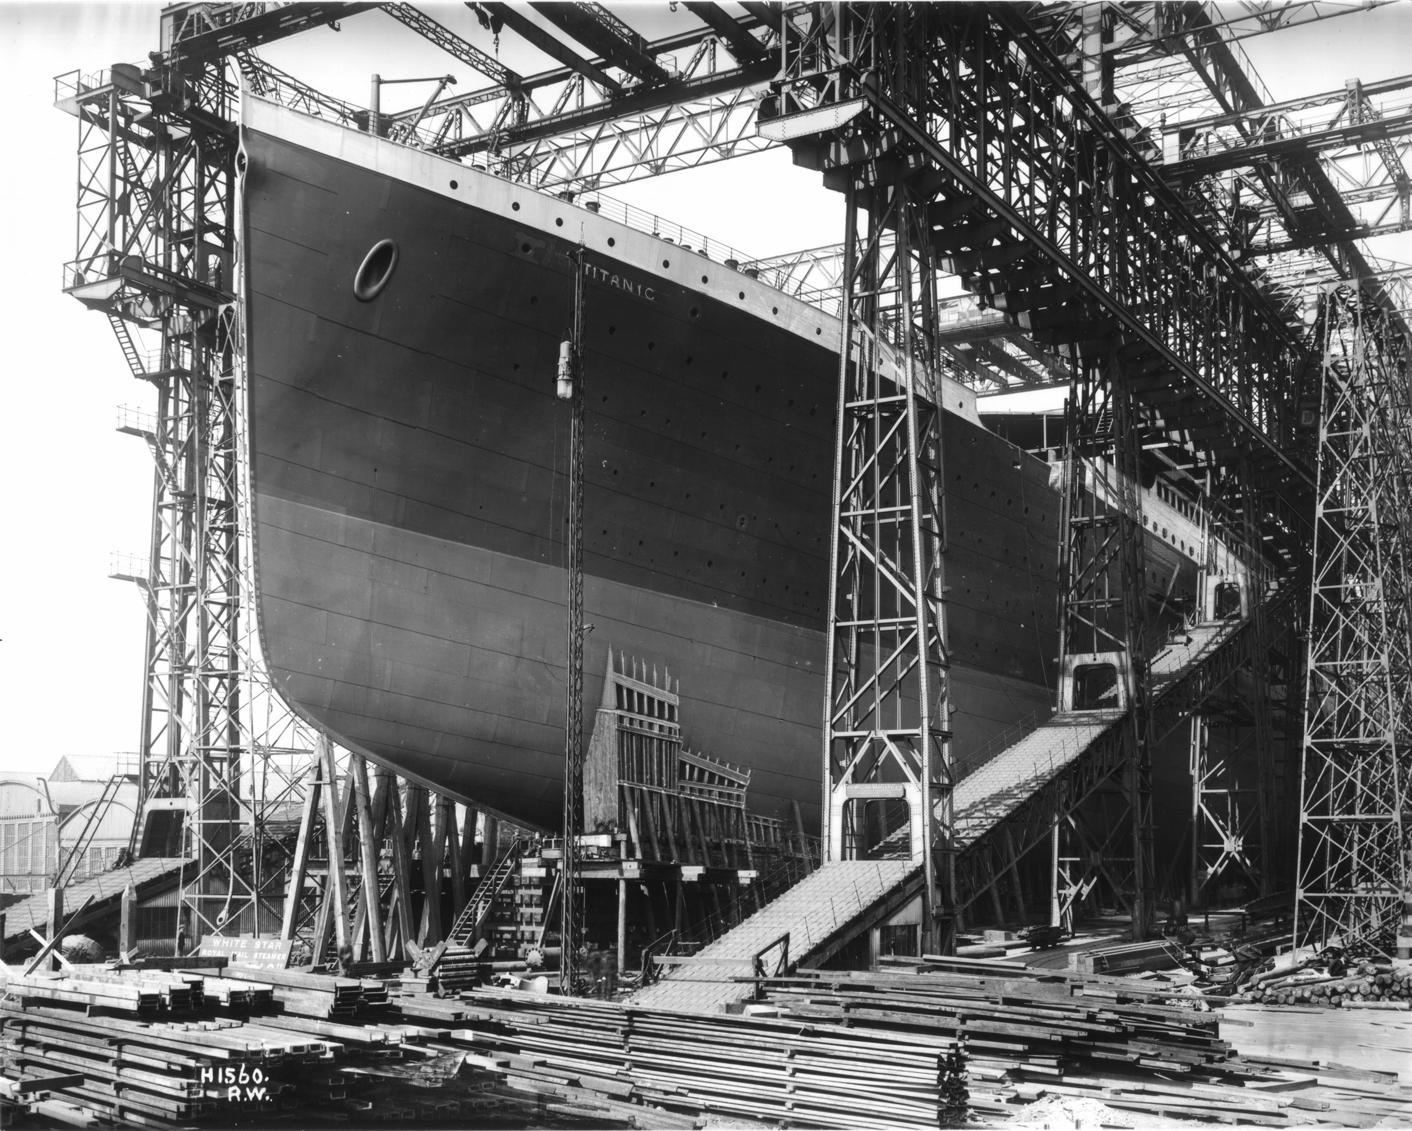 بالصور بحث حول سفينة تيتانيك 20160714 2450